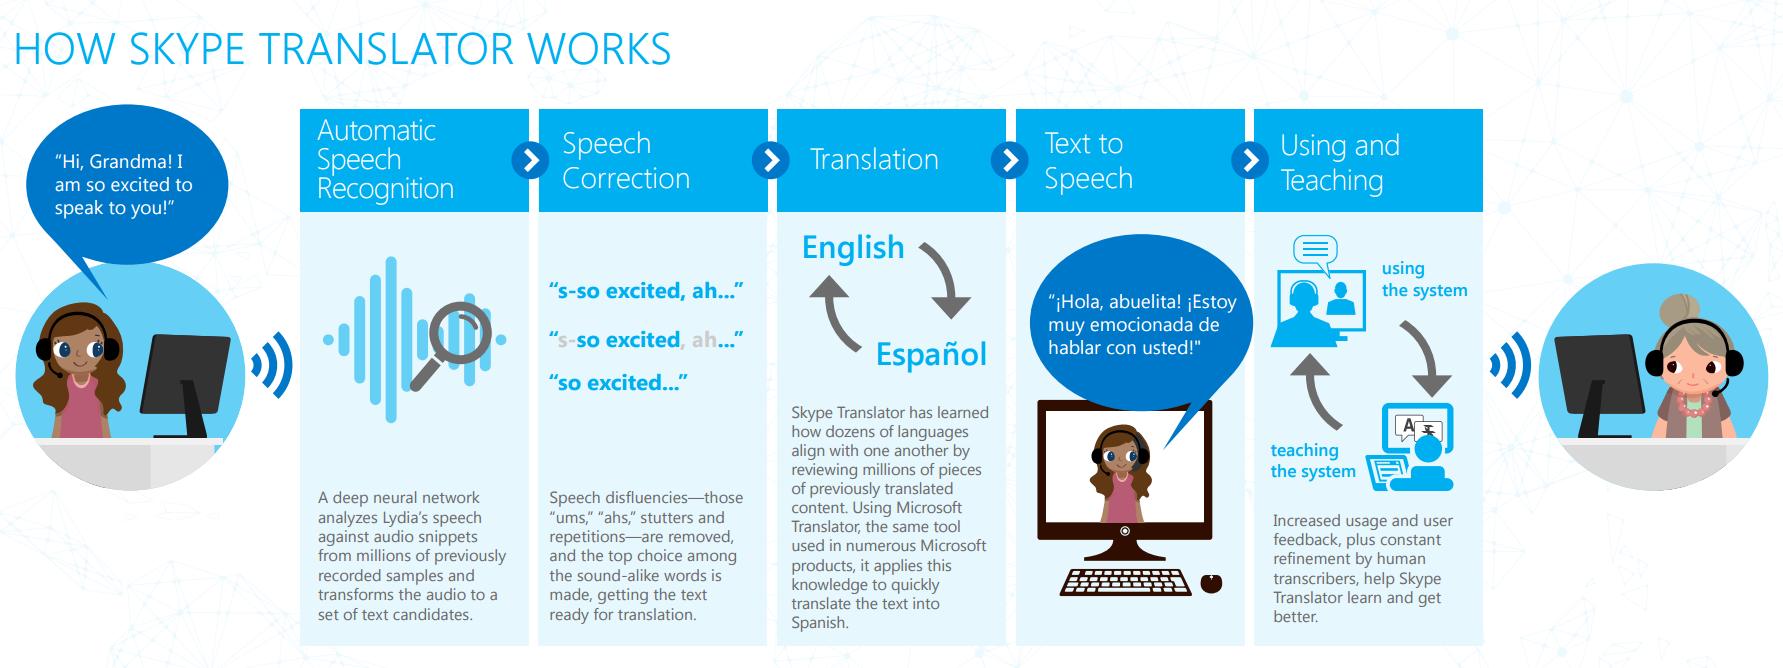 Como funciona o Skype Translator